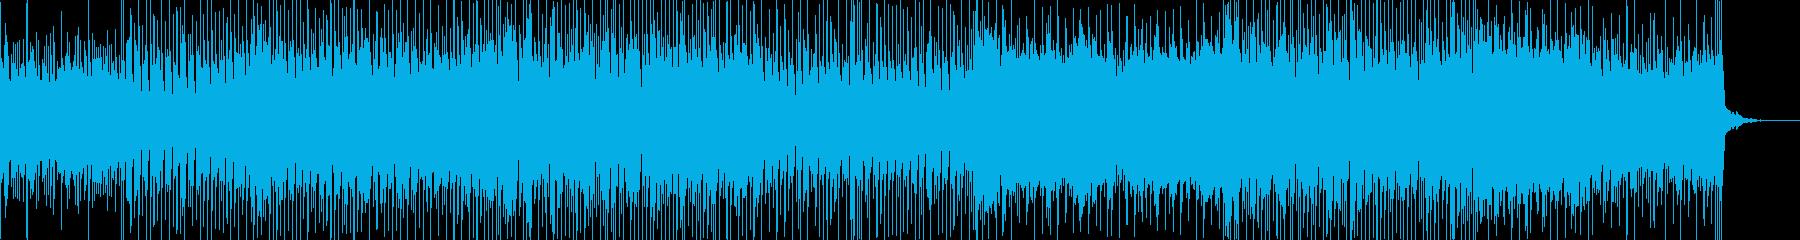 元気な感じのテクノミュージックの再生済みの波形